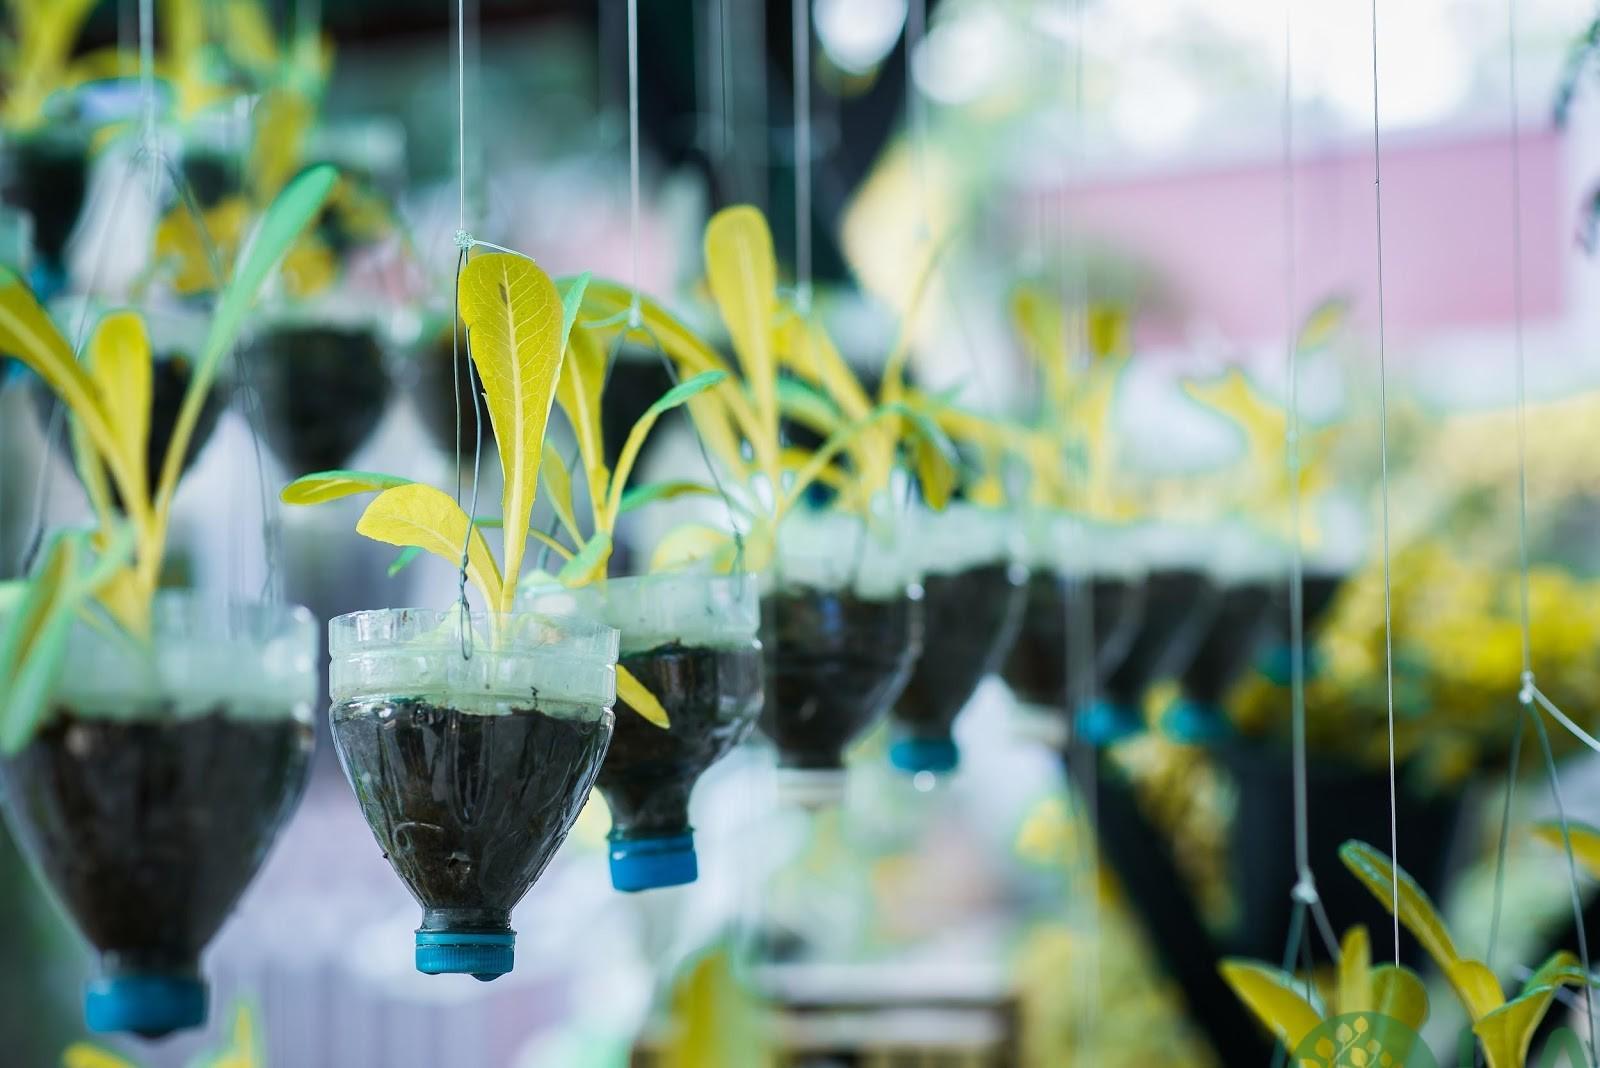 cách làm chậu cây từ chai nhựa